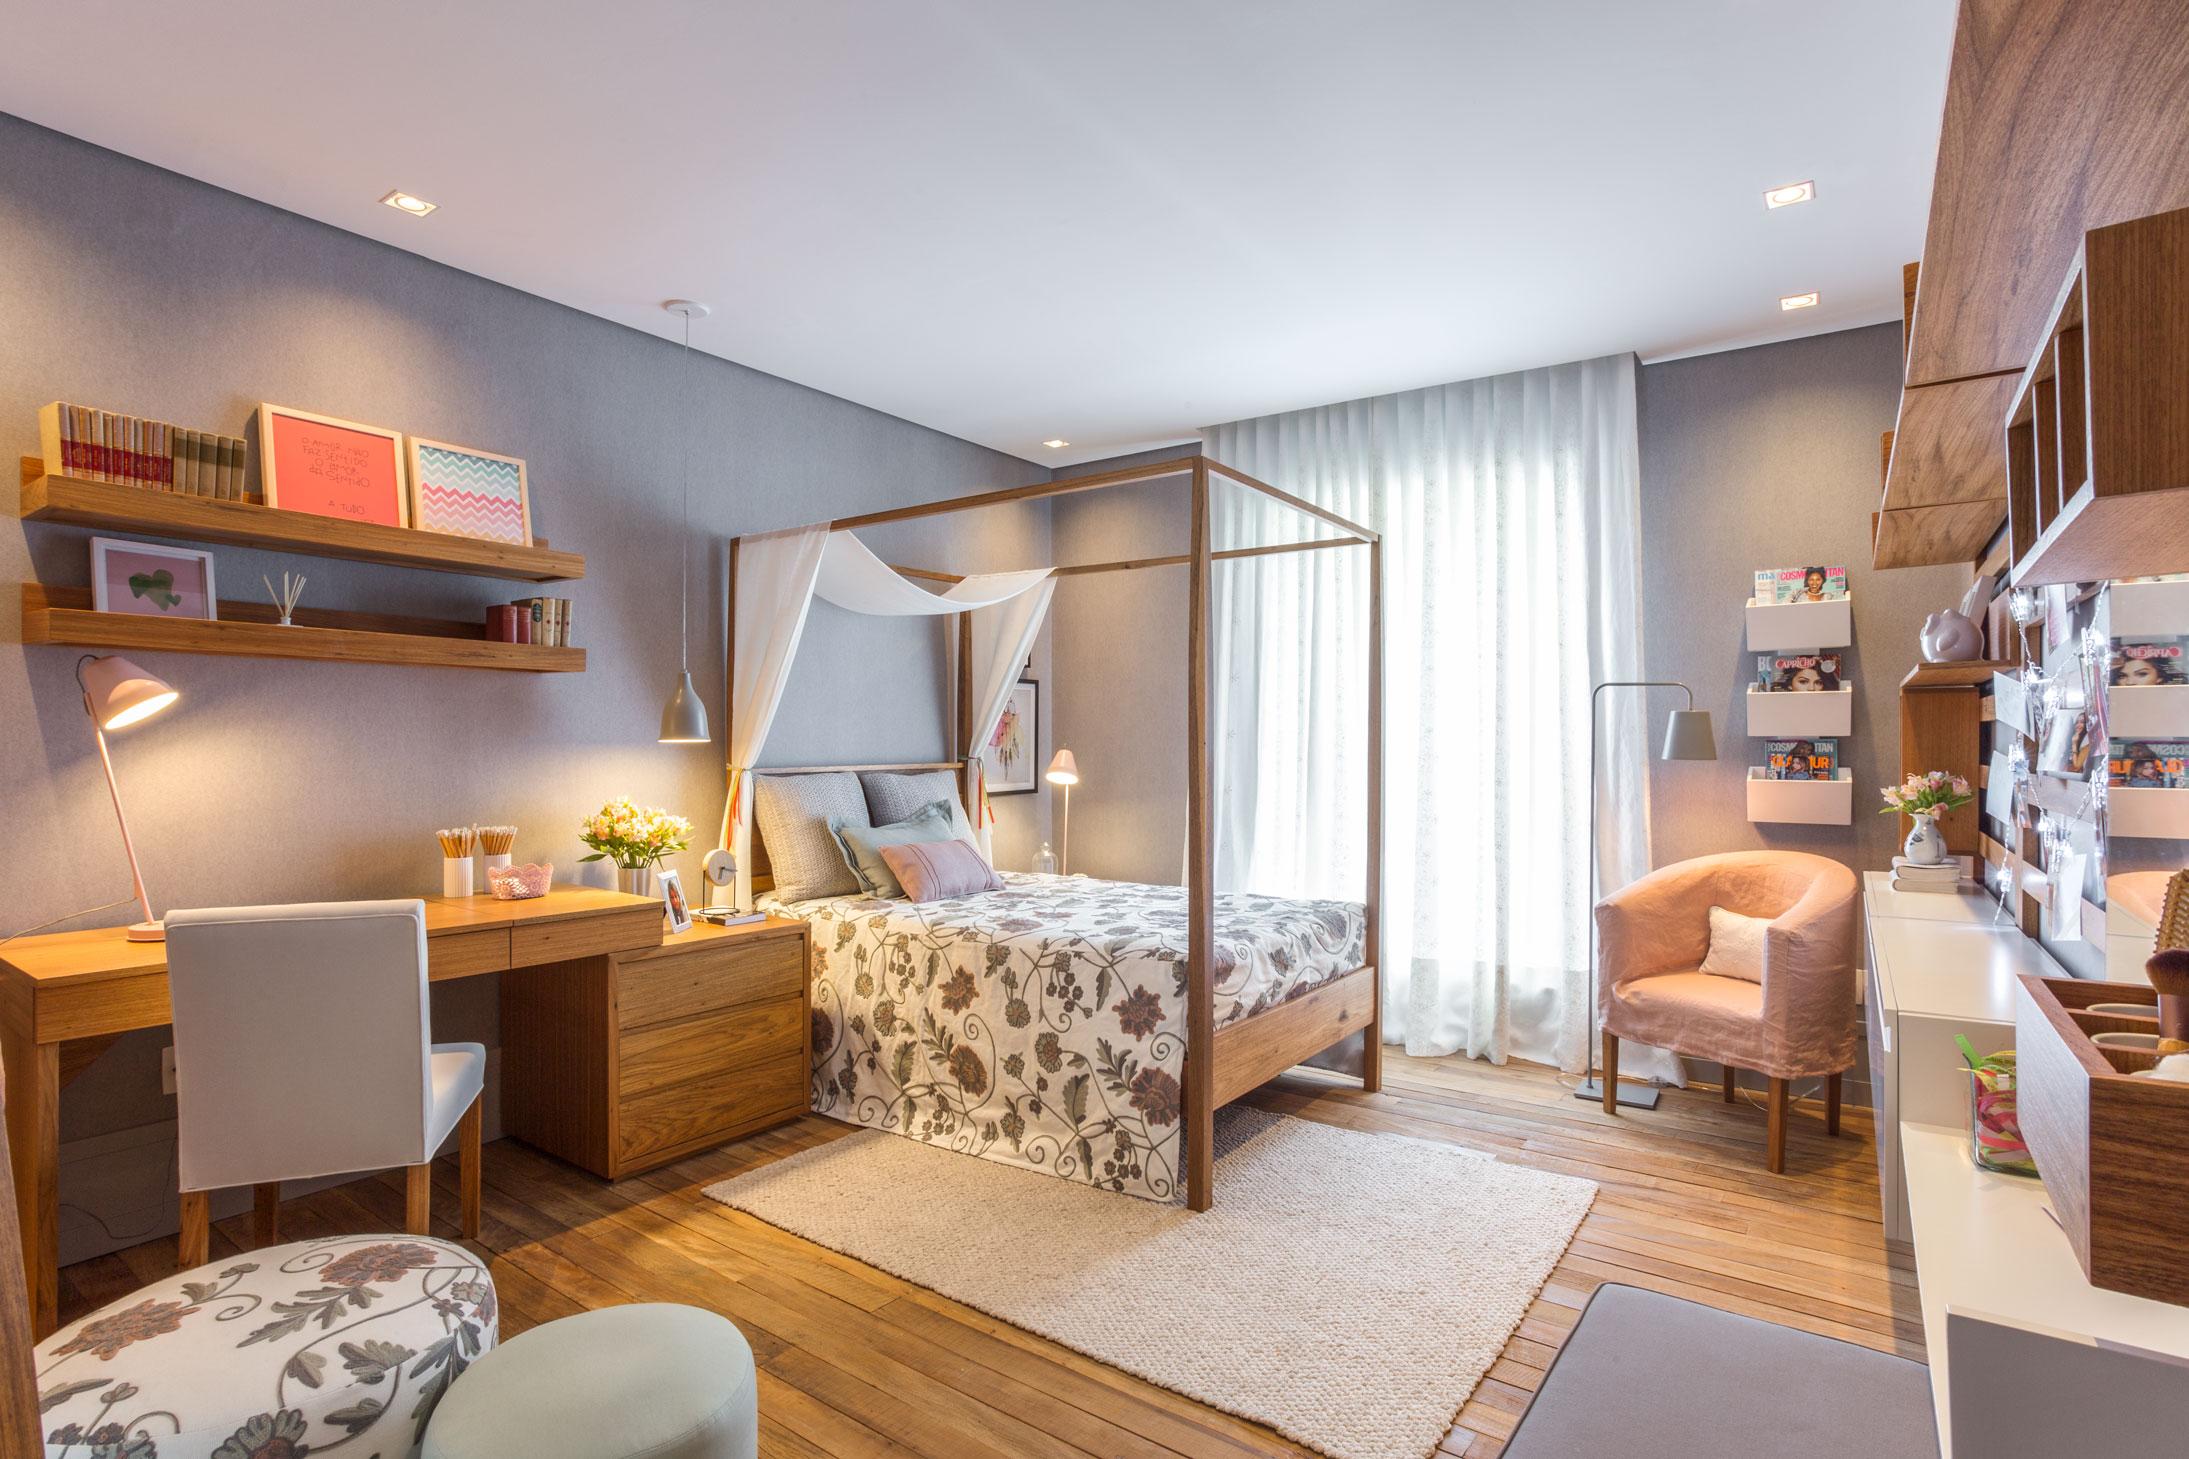 Tons de rosa, verde, cinza e branco dão o ar descontraído e cheio de estilo para esse quarto de adolescente com astral baiano e muito confortável.